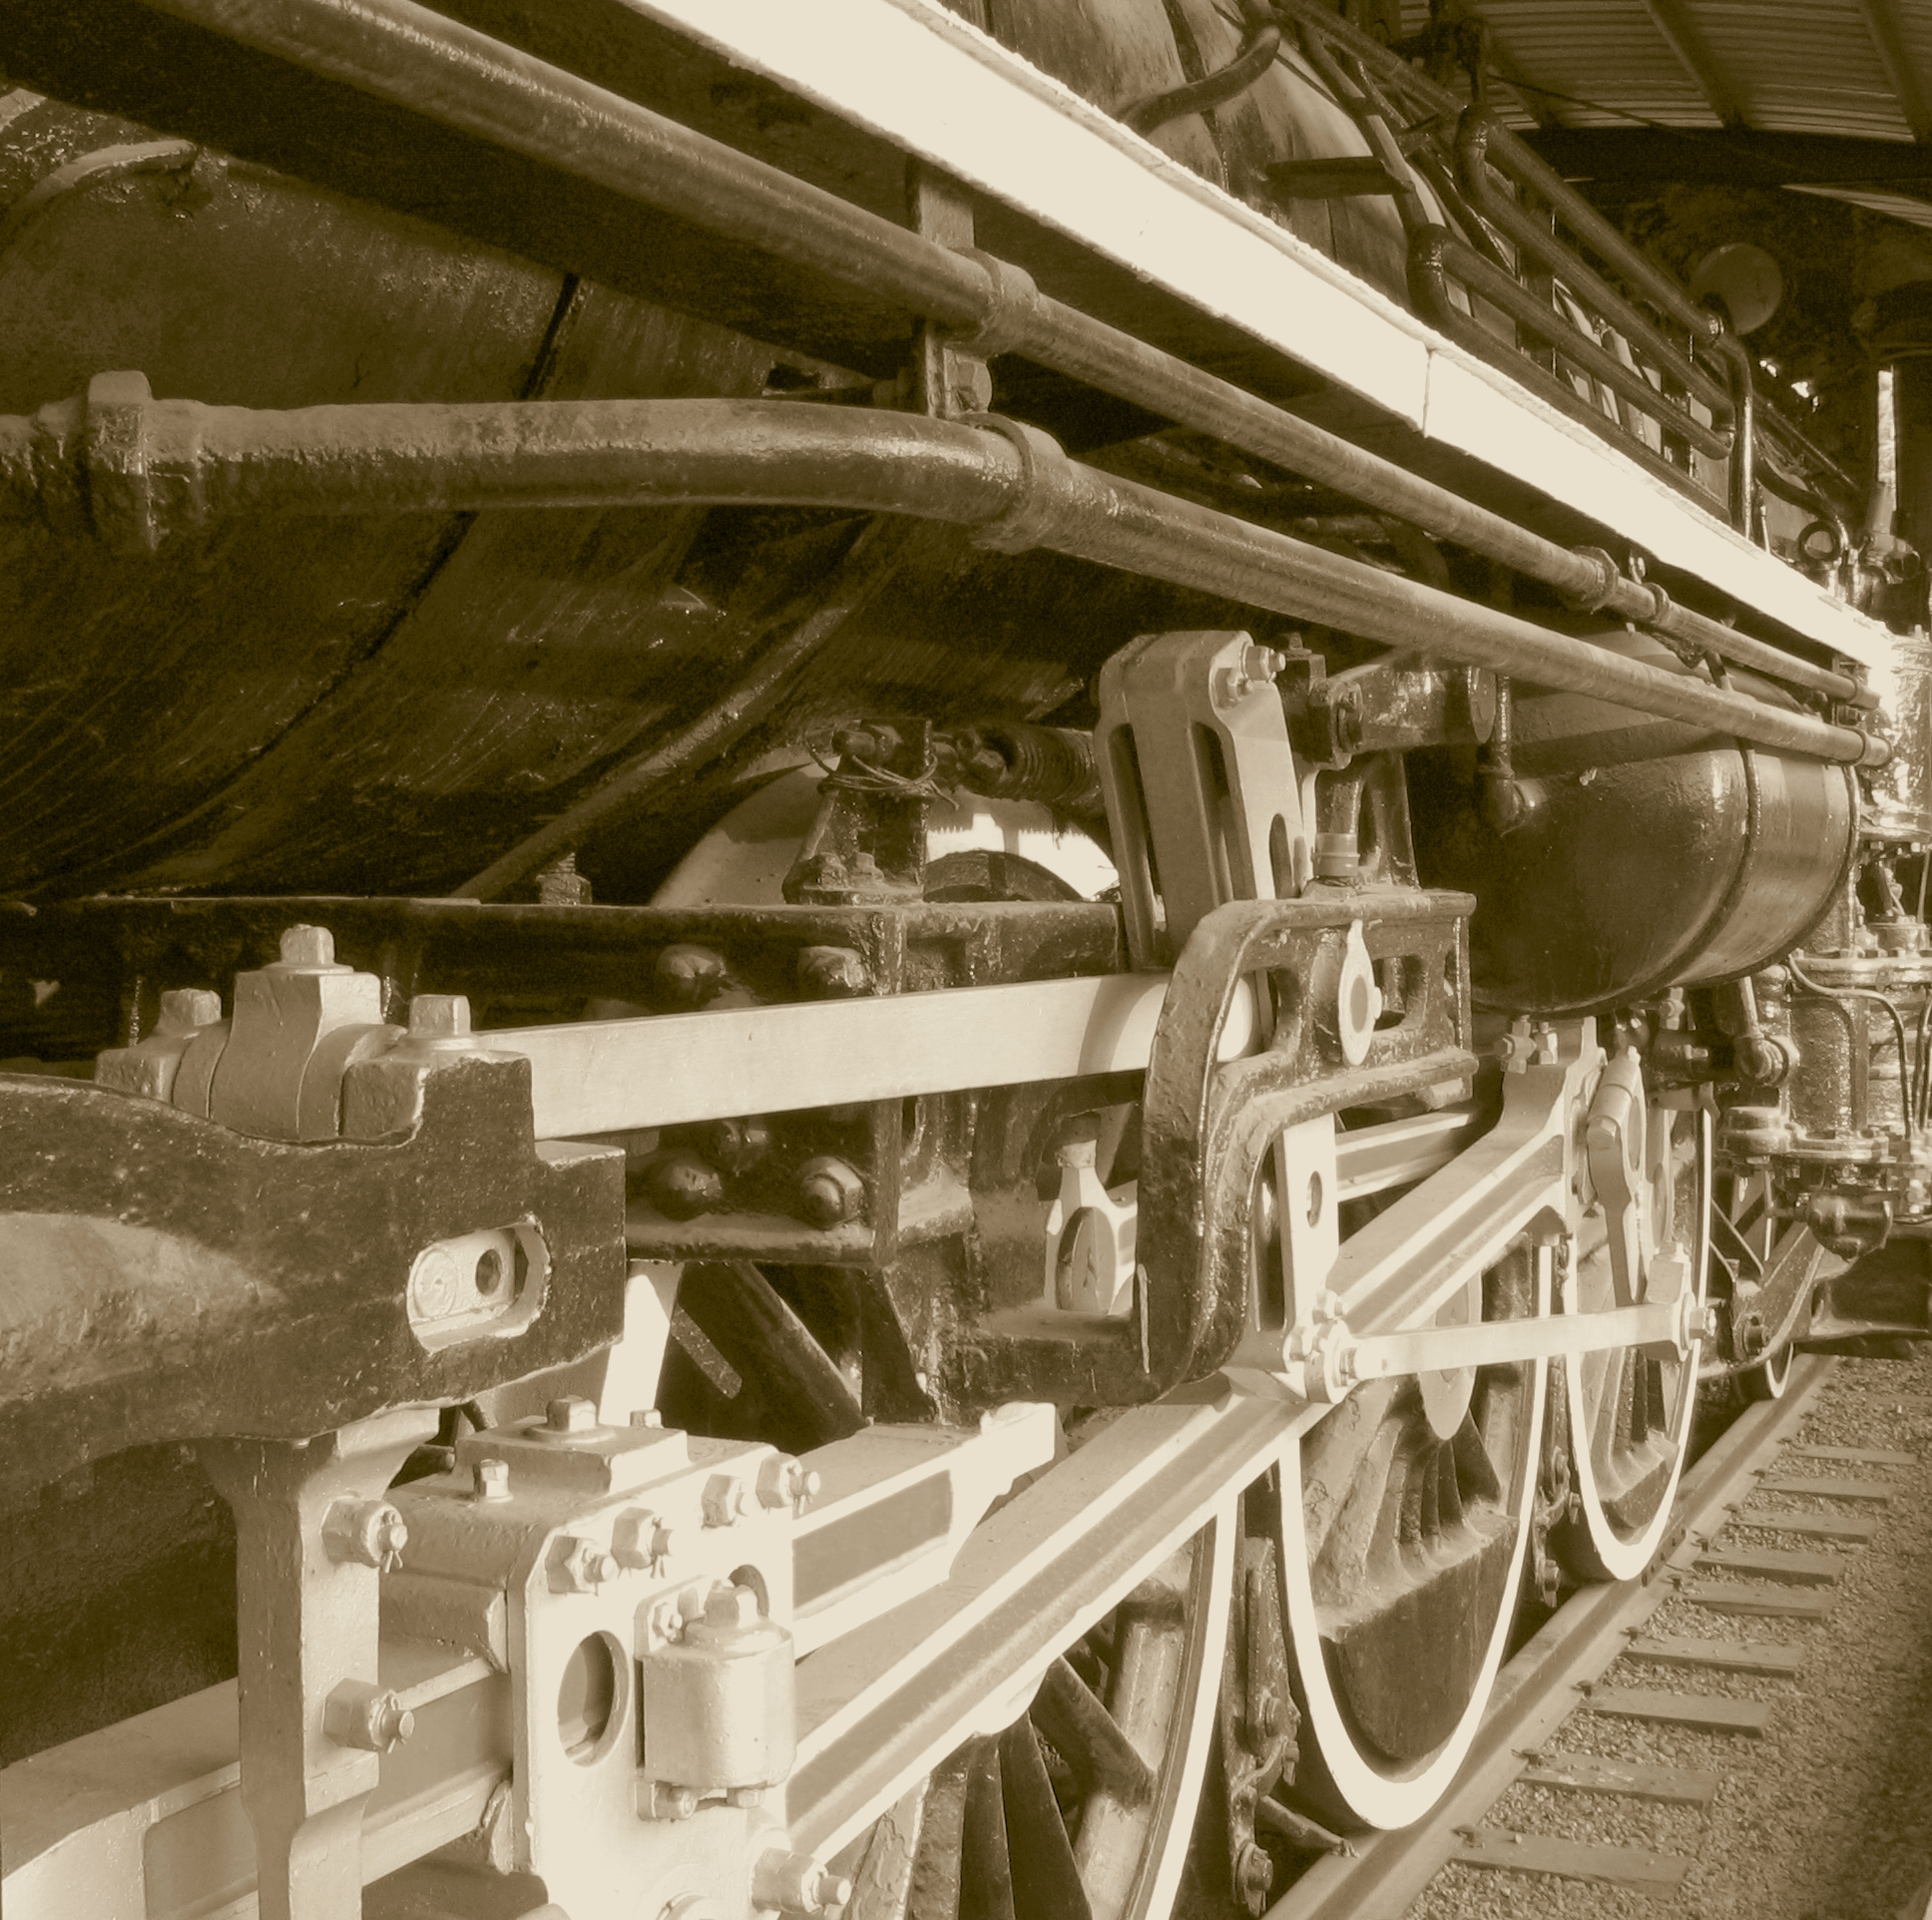 Vintage Steam Locomotive, Boiler, Rail, Vintage, Used, HQ Photo